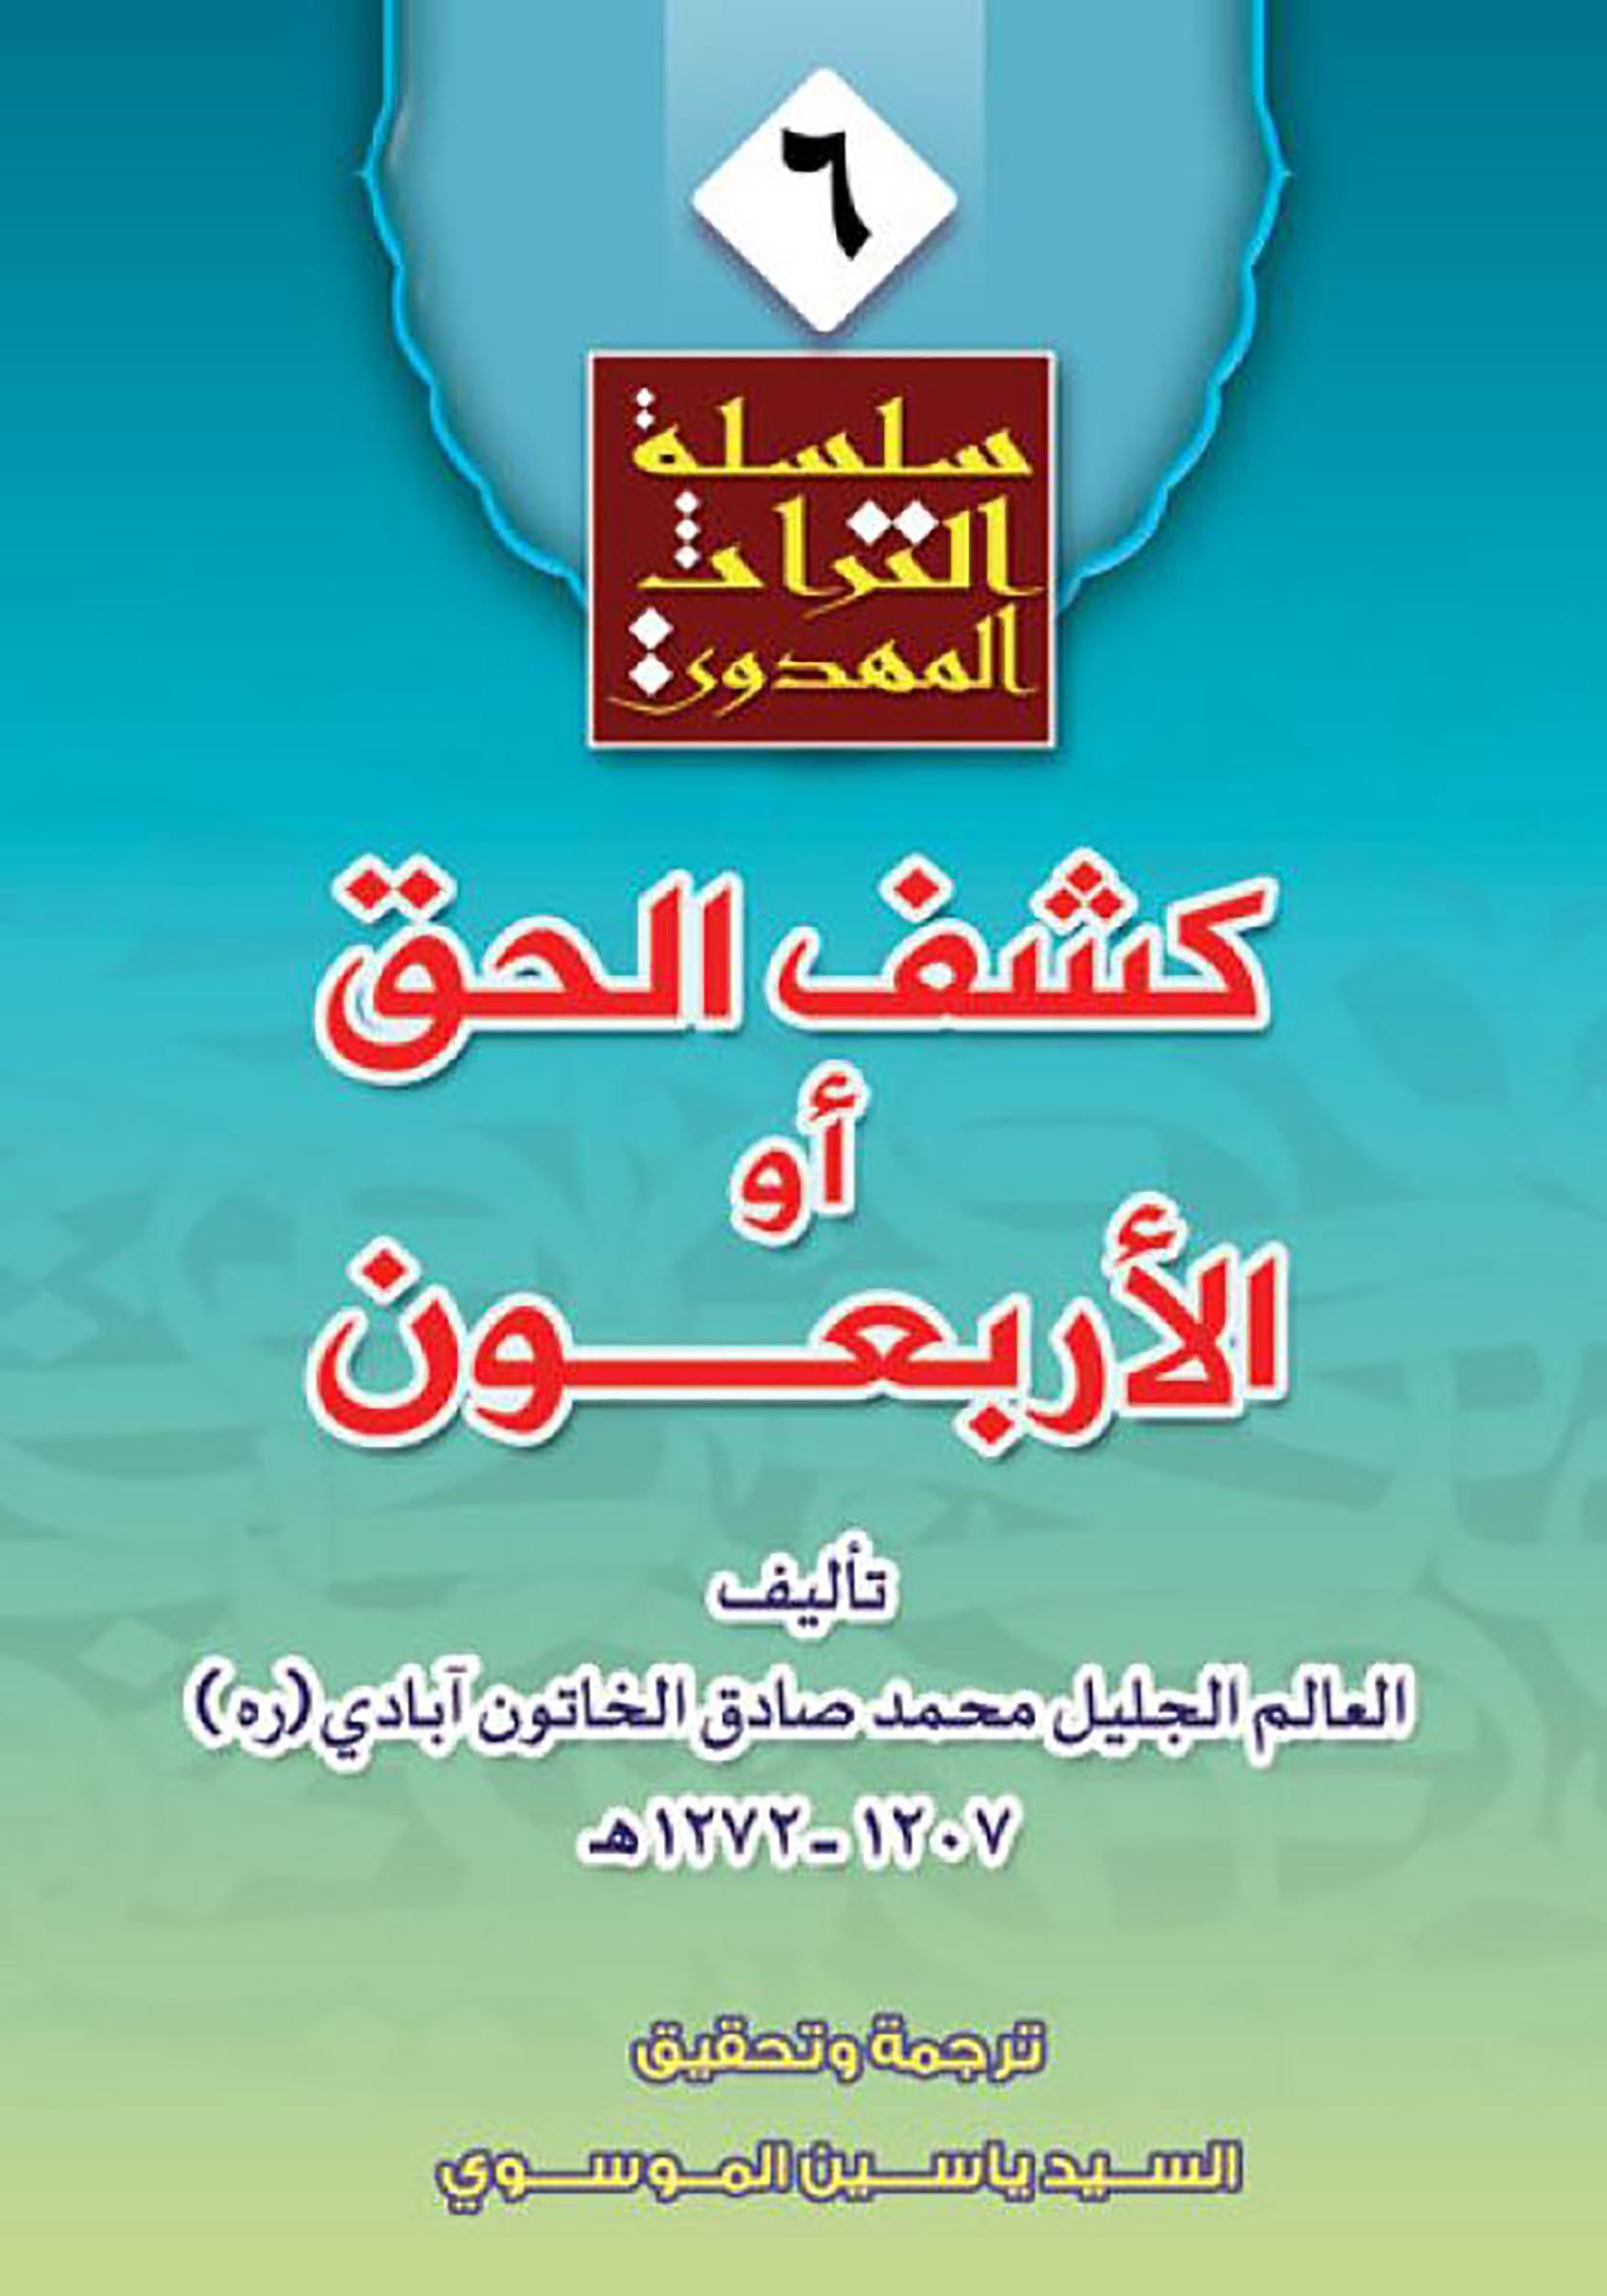 الاســـم:كشف الحق او الاربهين لمحمد الخاتون غلاف.JPG المشاهدات: 70 الحجـــم:234.3 كيلوبايت